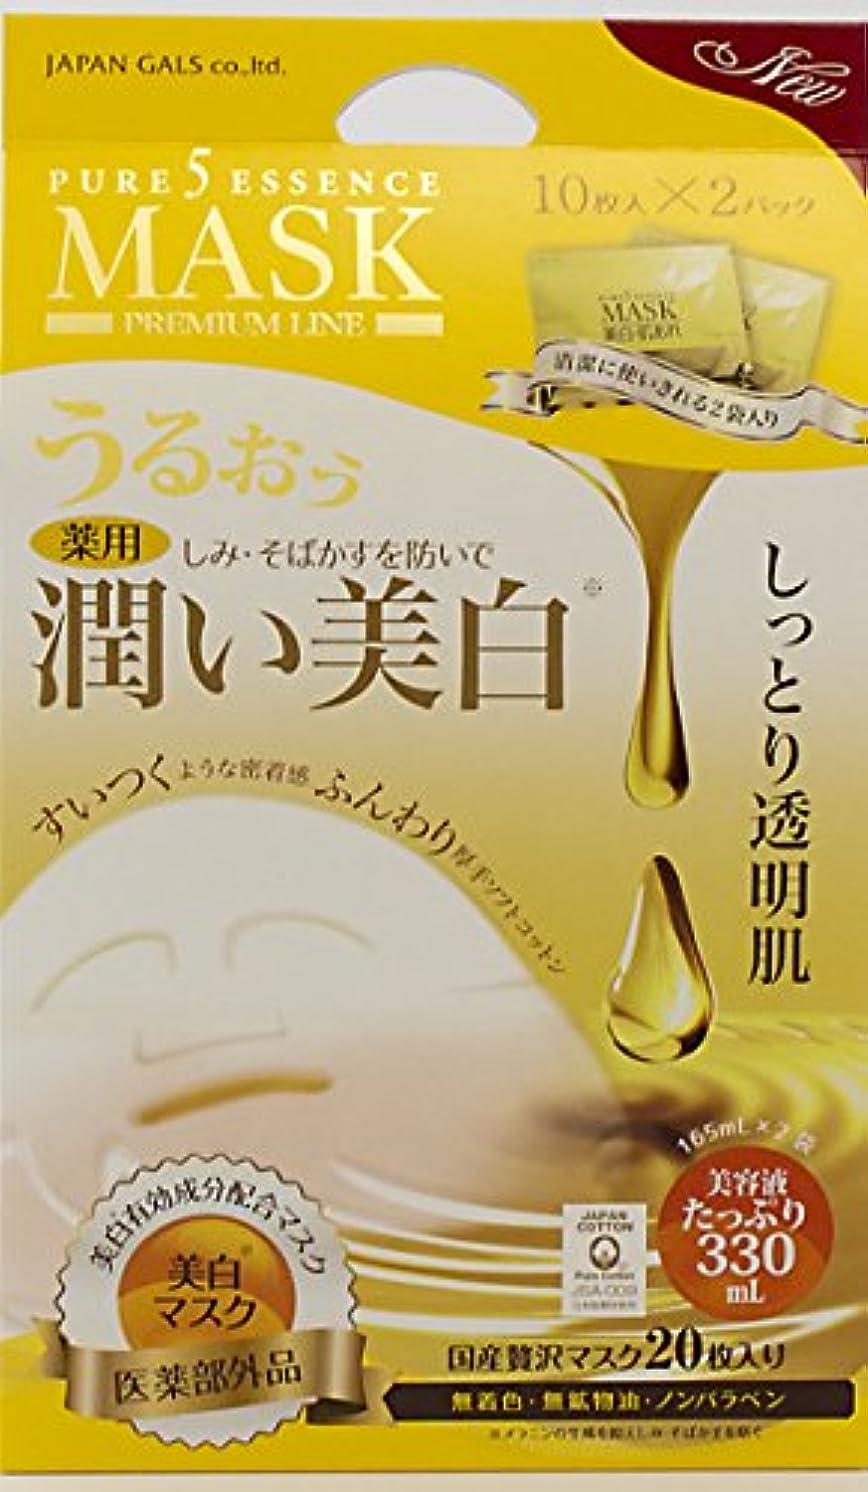 宿題アイザック刈るジャパンギャルズ ピュア5エッセンスマスク(薬用) 10枚入り×2袋